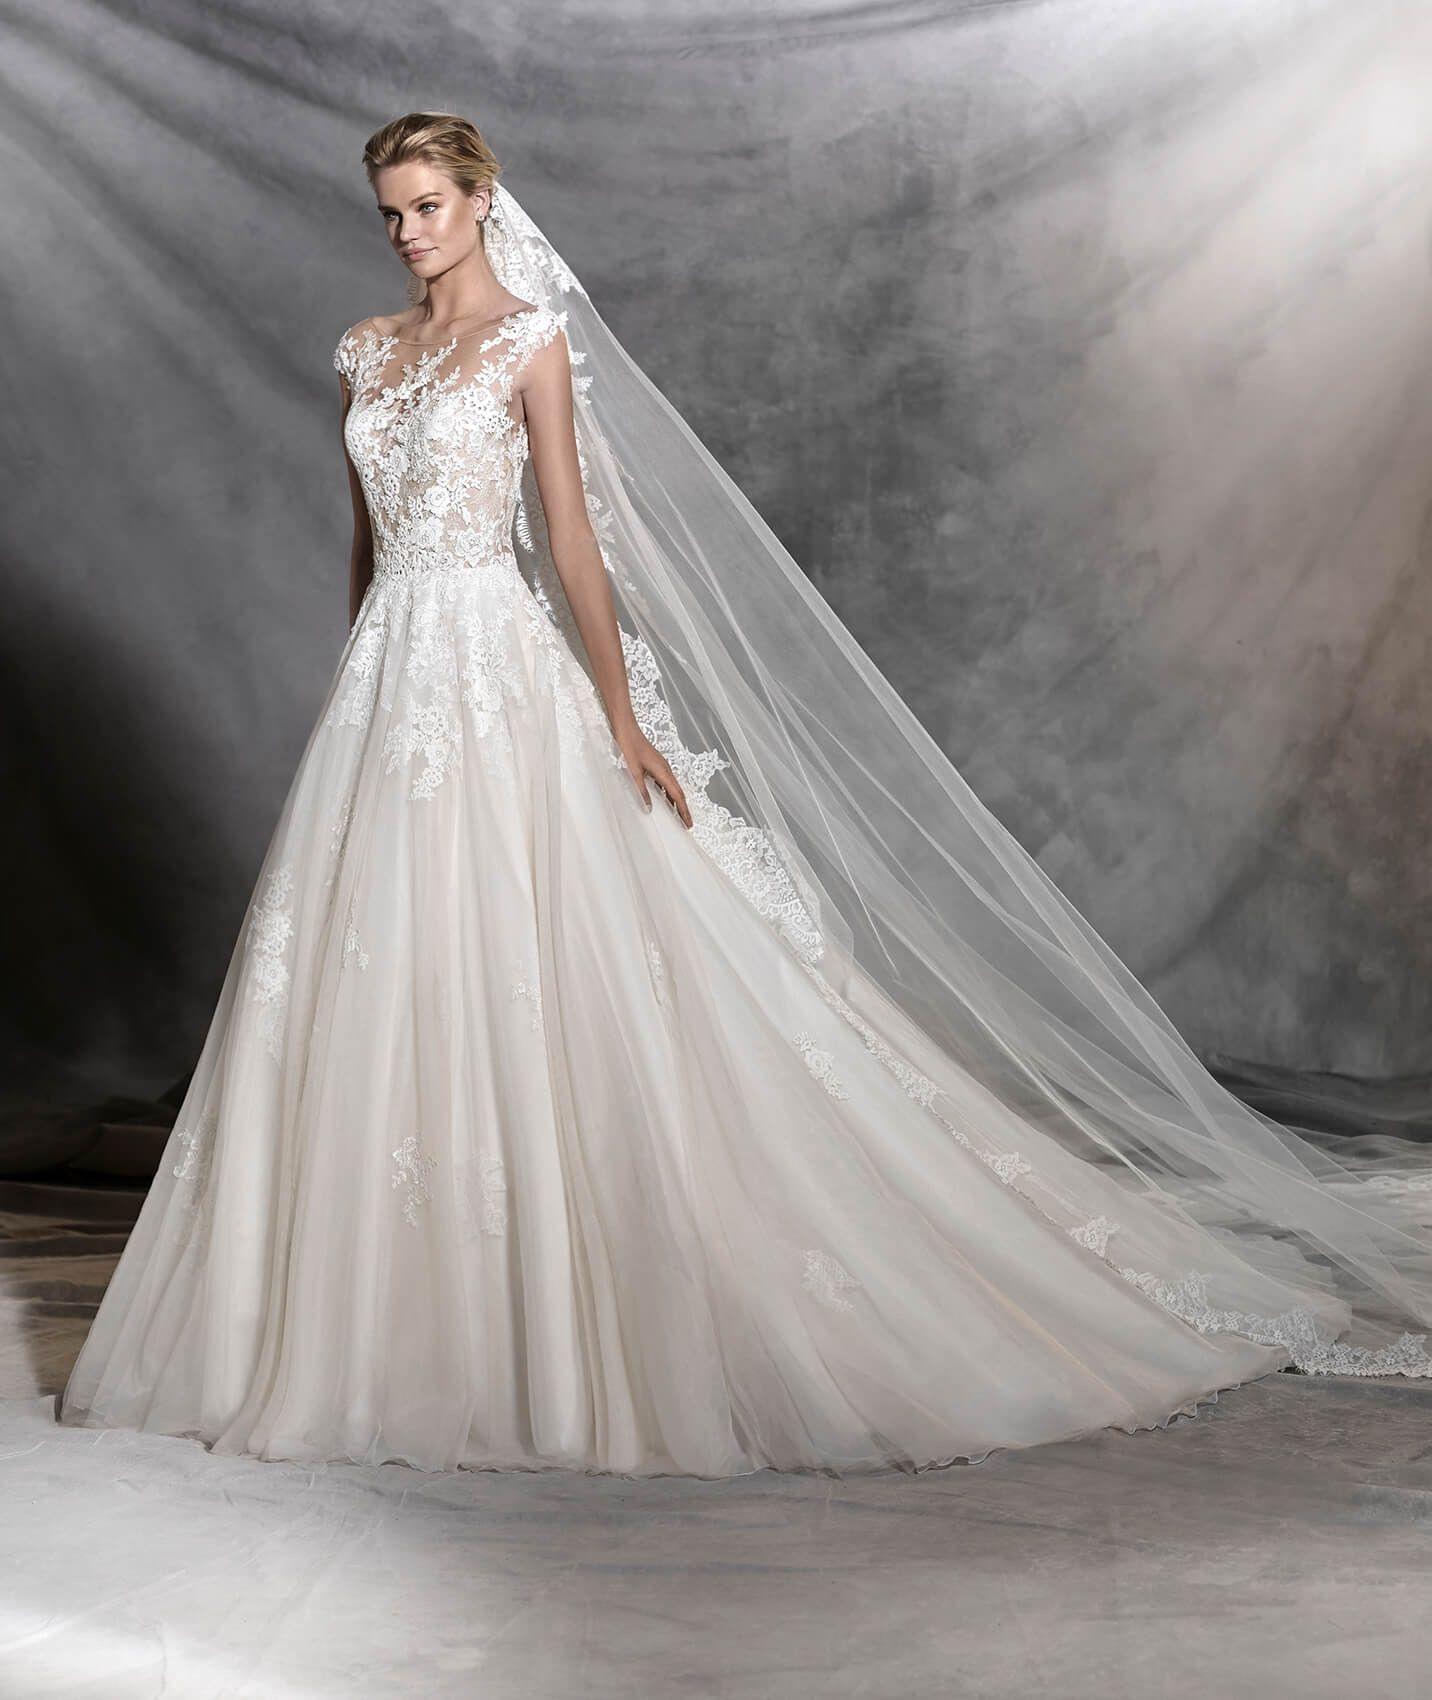 Ofelia  Princess Style Wedding Dress  Pronovias